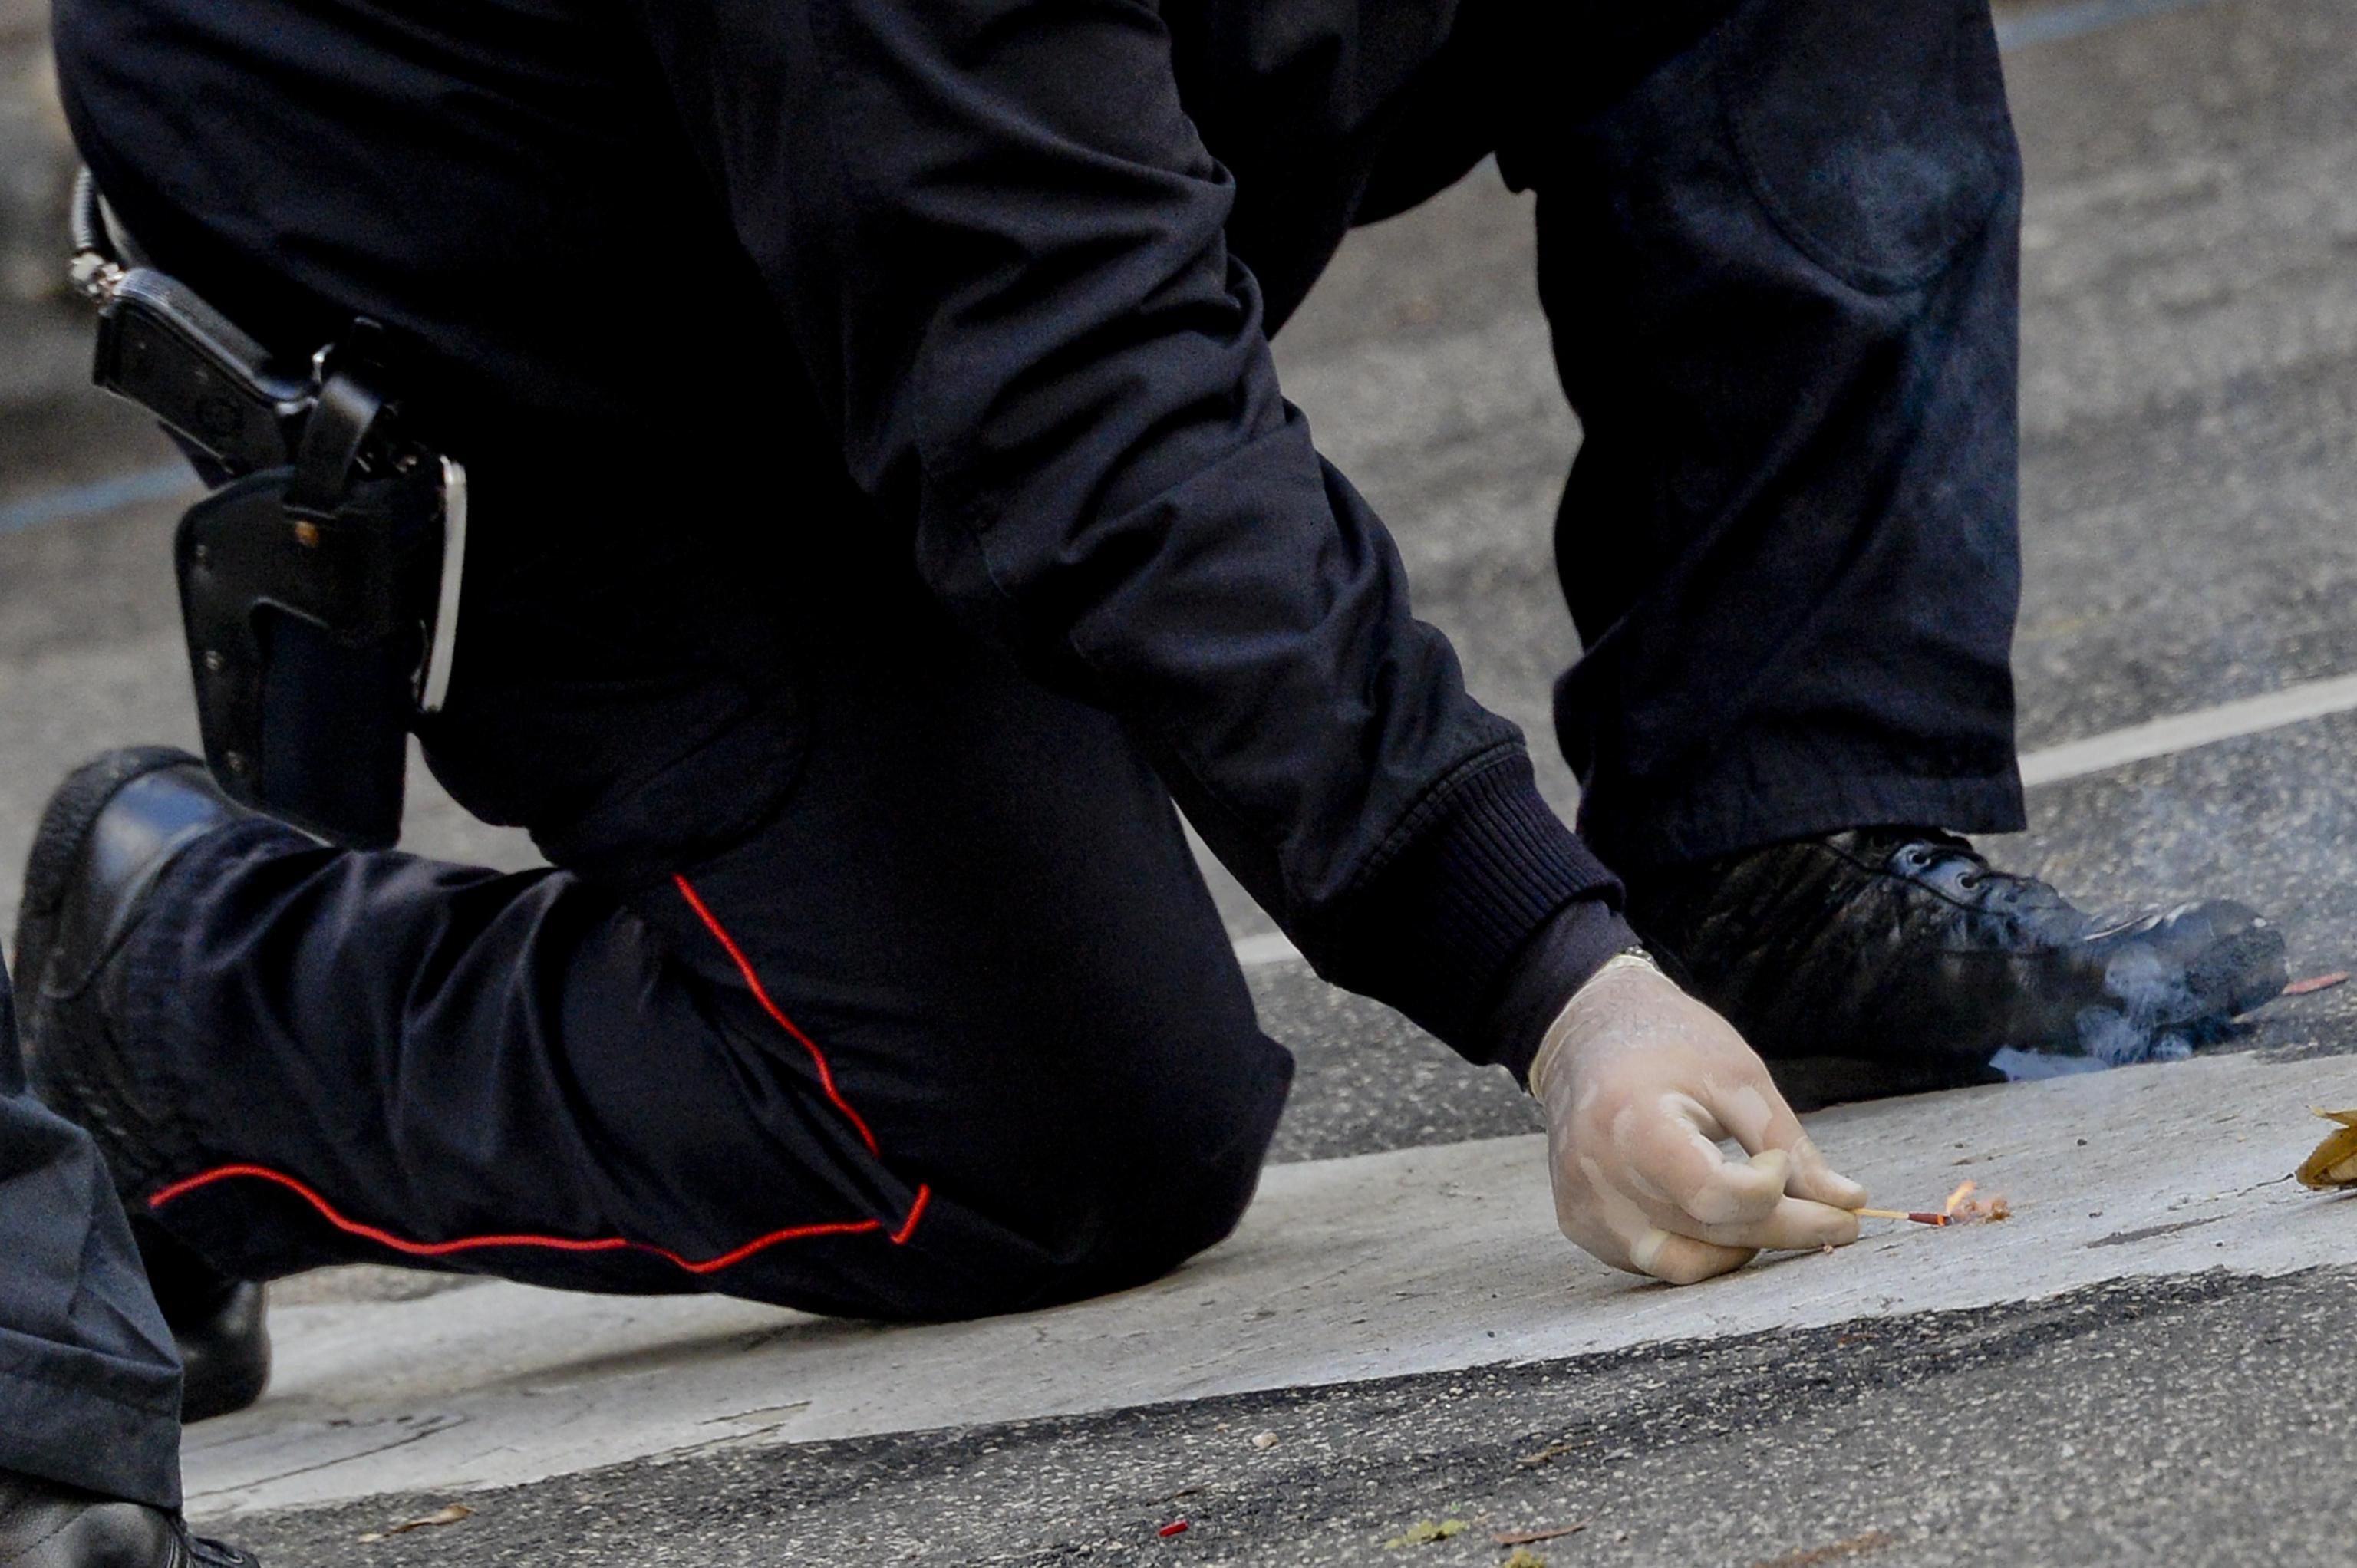 Bomba carta esplode a Torino, 4 feriti